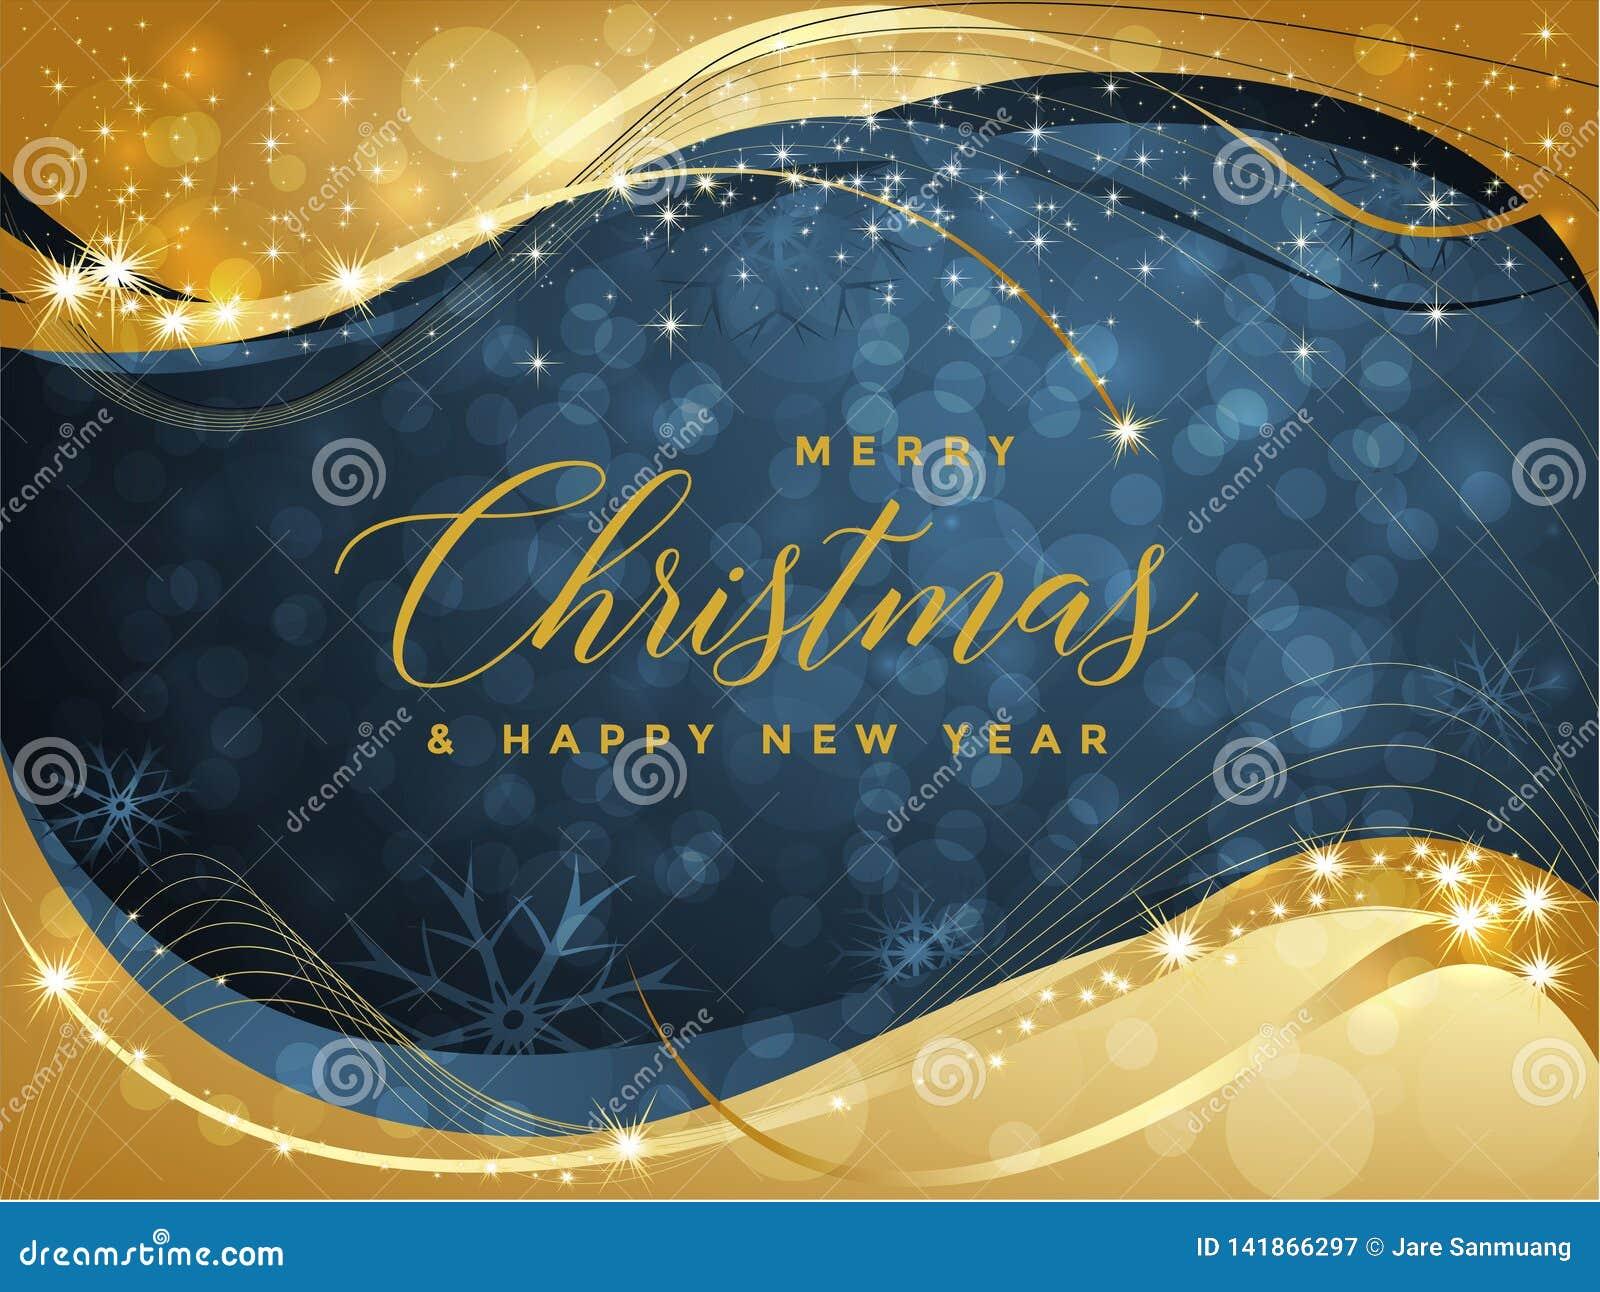 Fundo azul e dourado do Natal com Feliz Natal do texto e ilustração do ano novo feliz